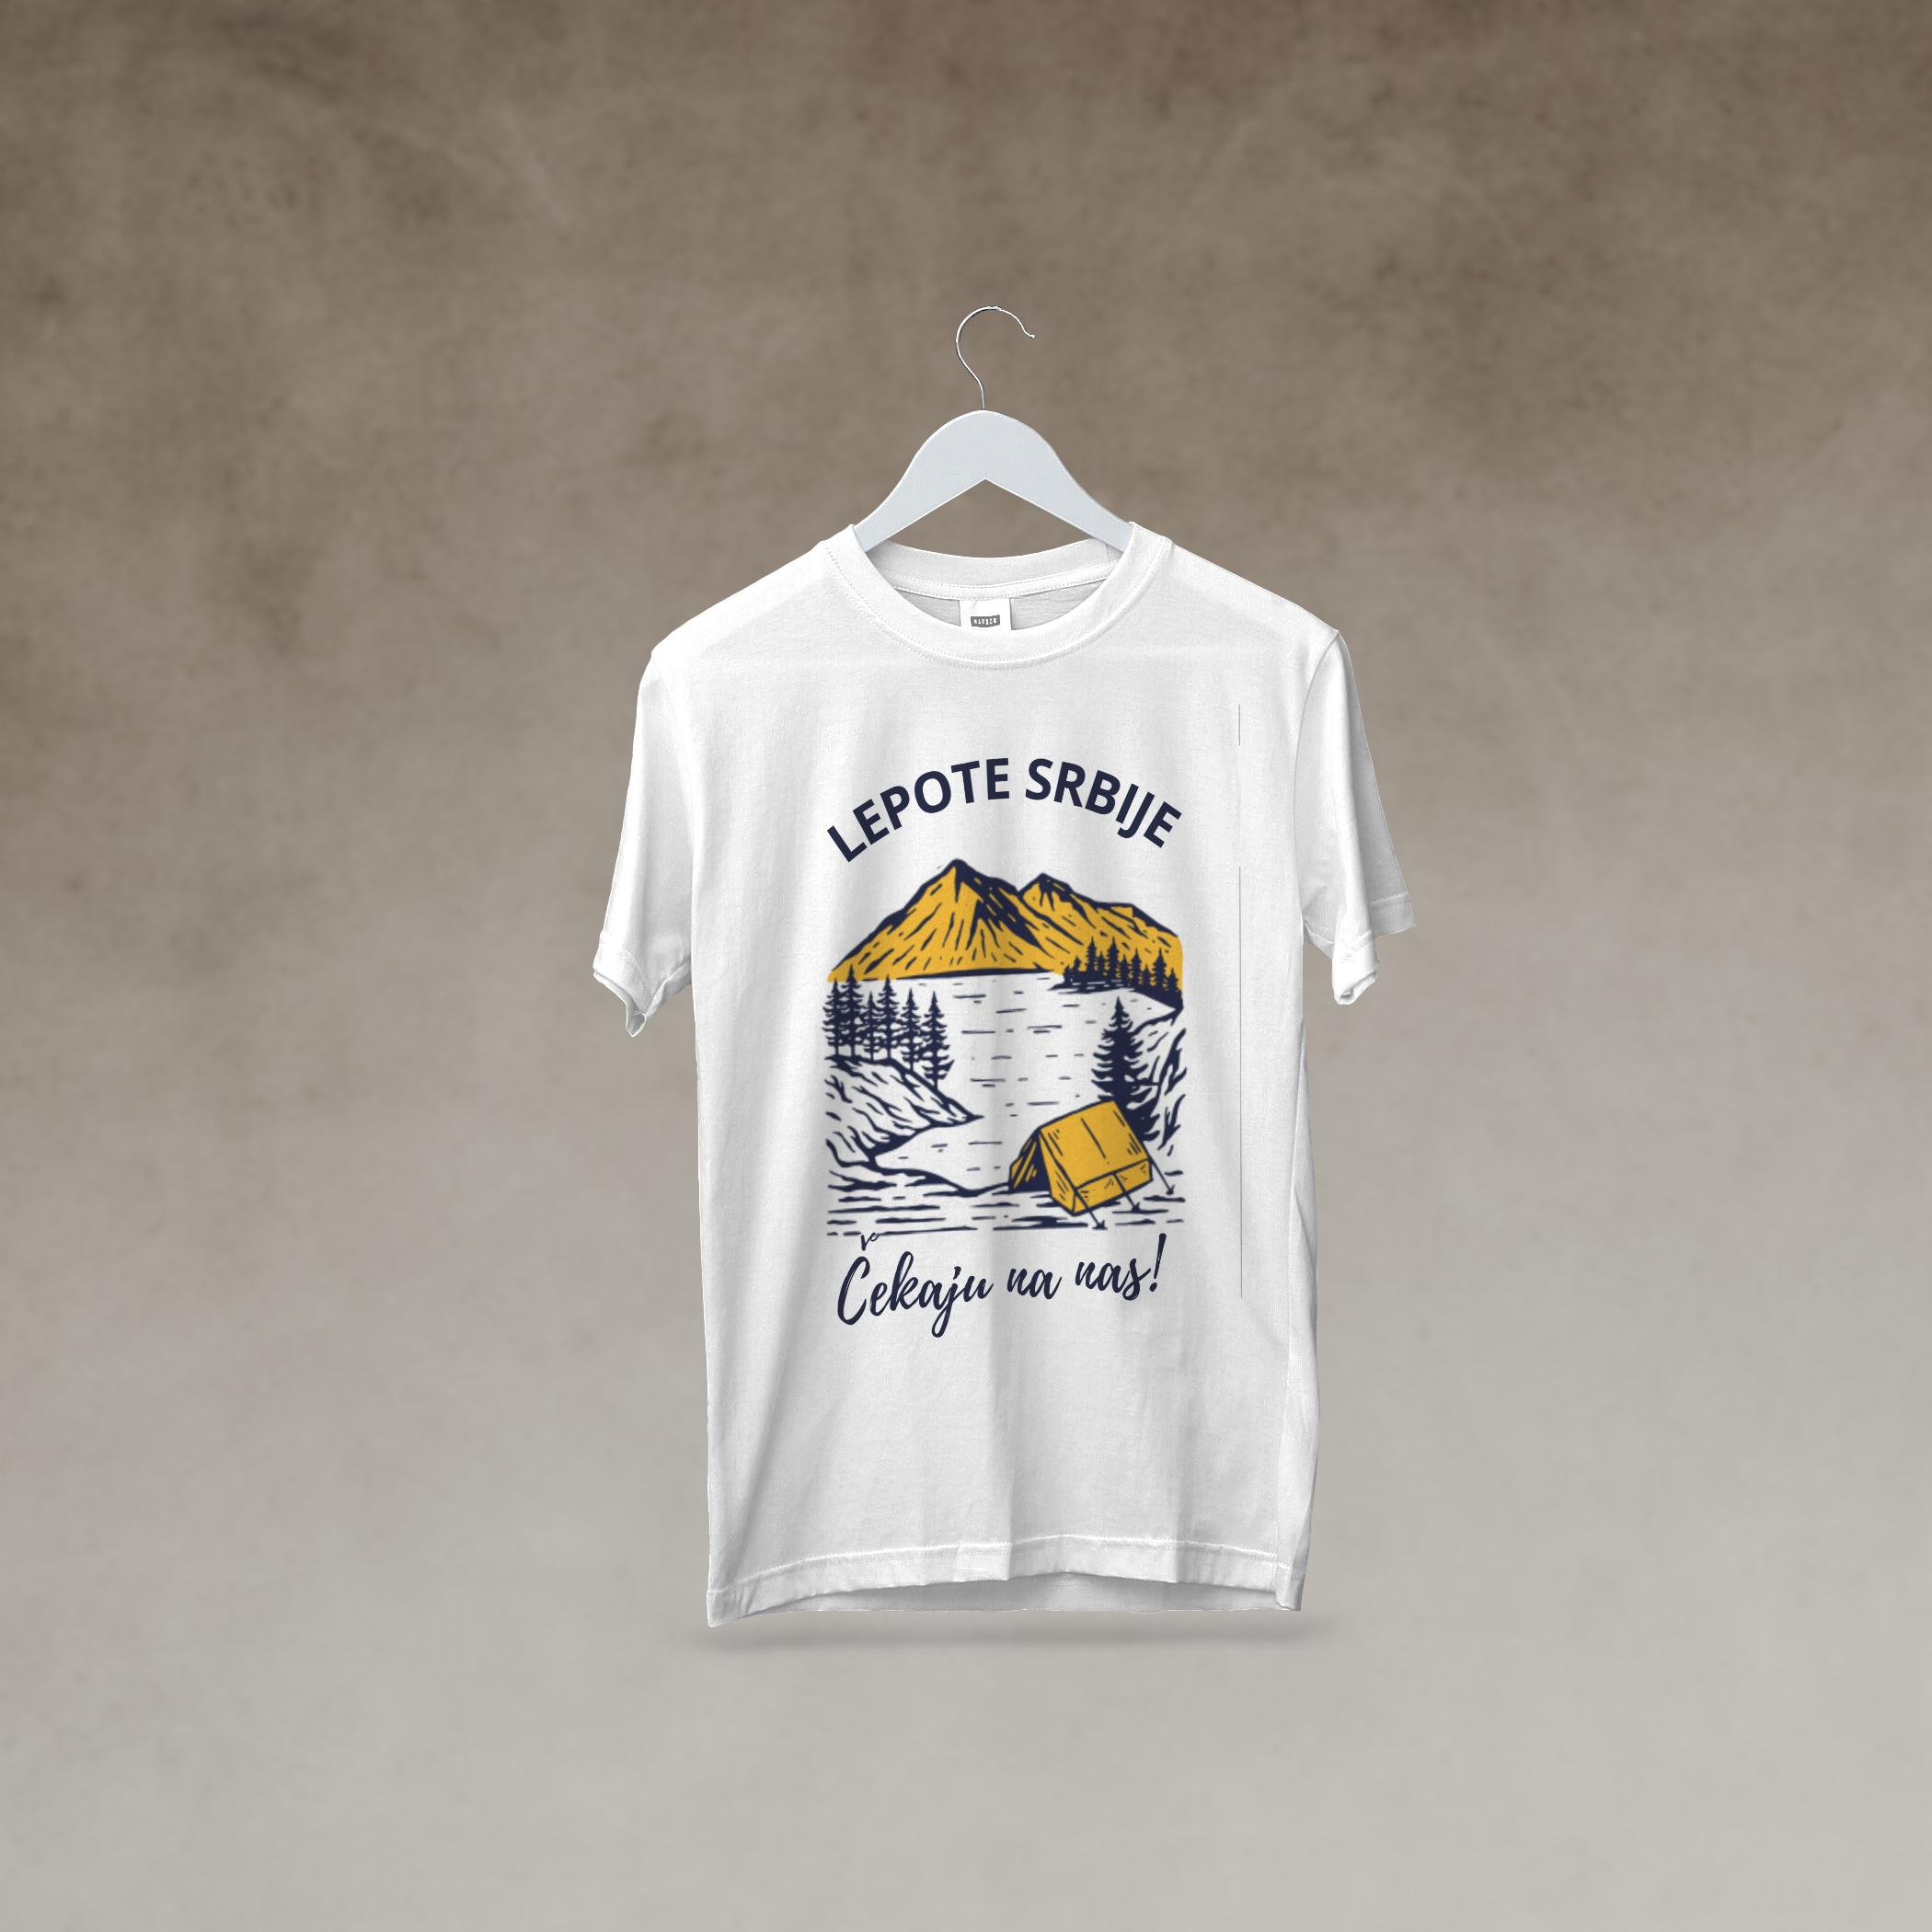 dizajn za majic - influenseri